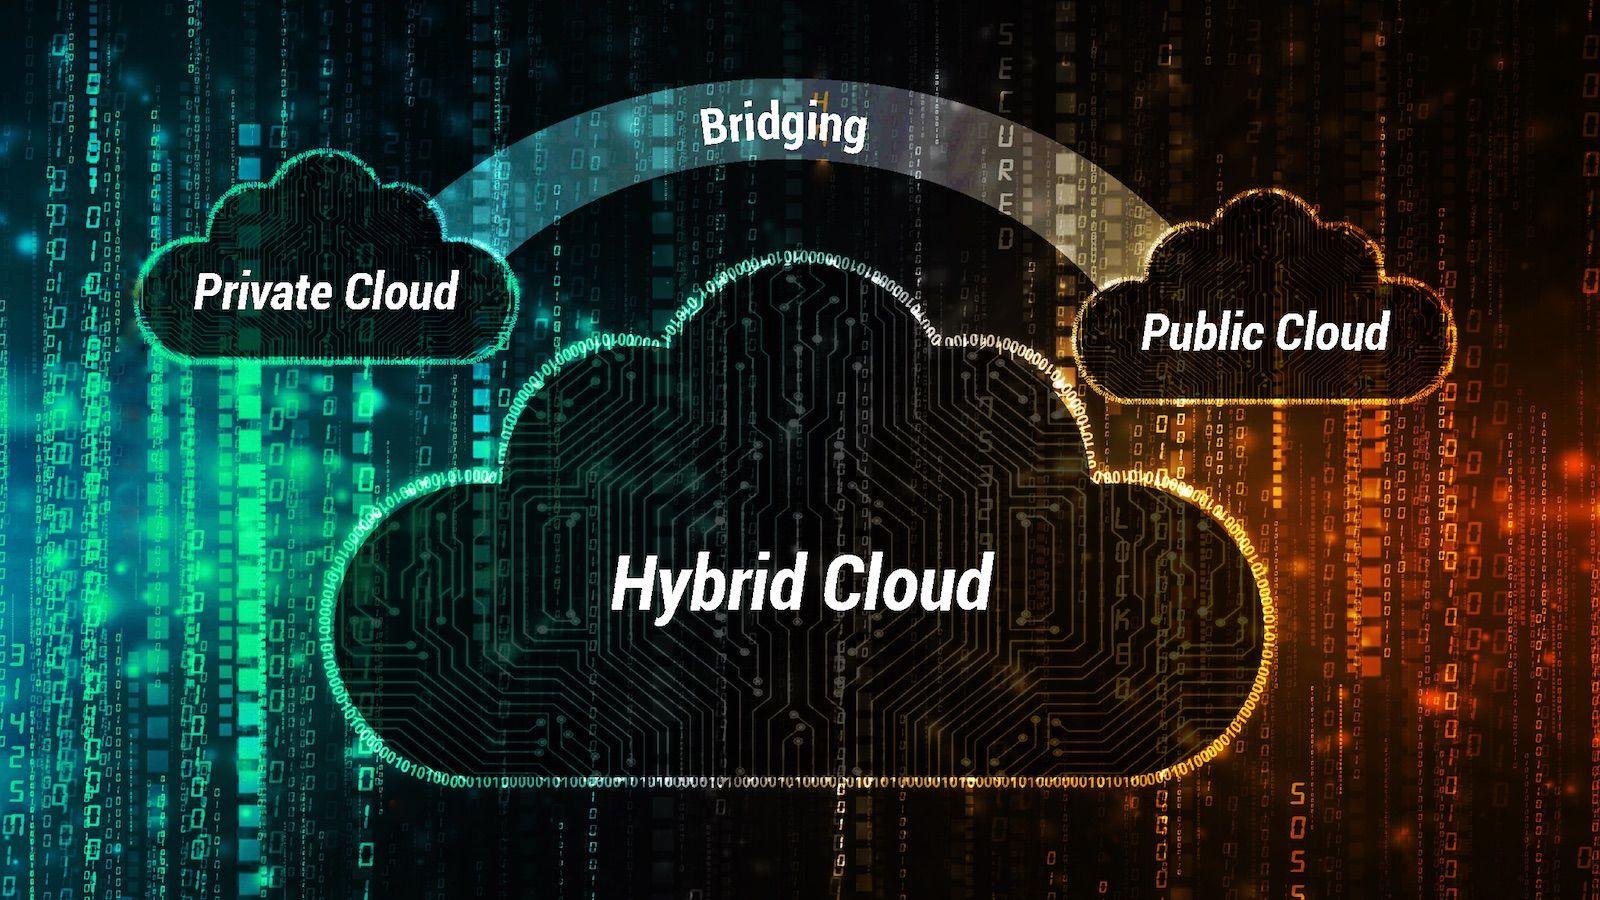 hybrid cloud: private cloud bridging with public cloud